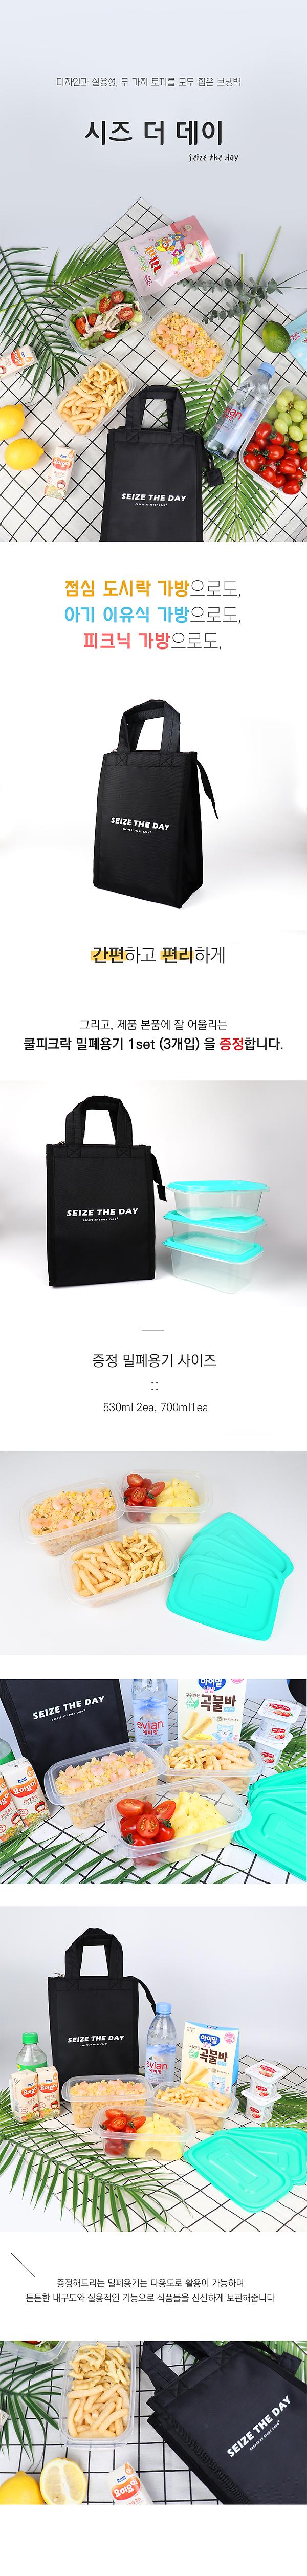 엠사이즈 찐 최종1.png